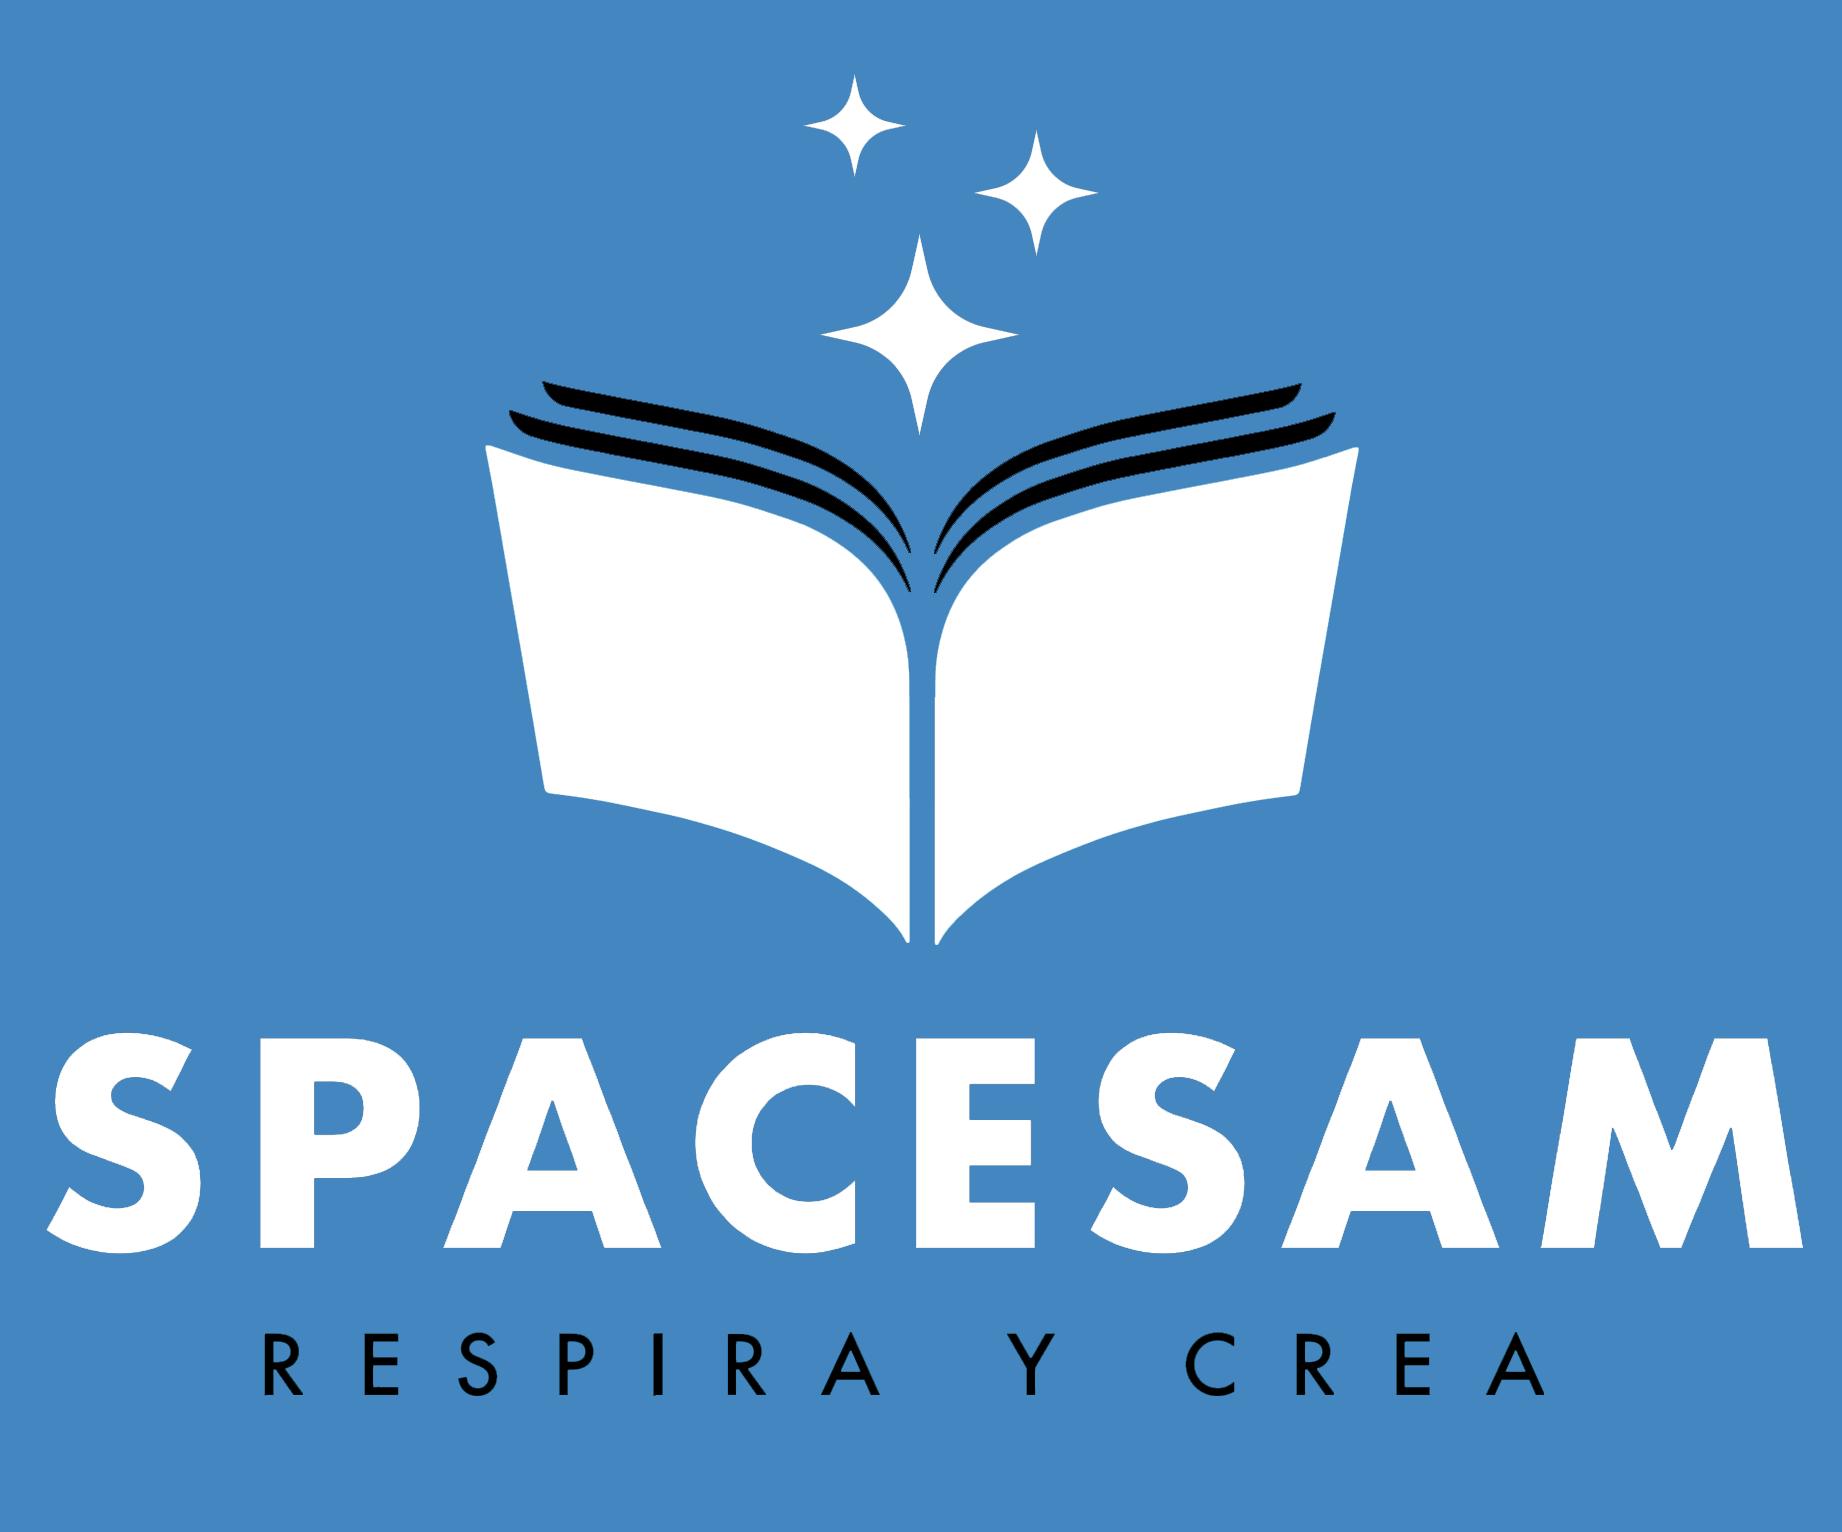 SPACESAM